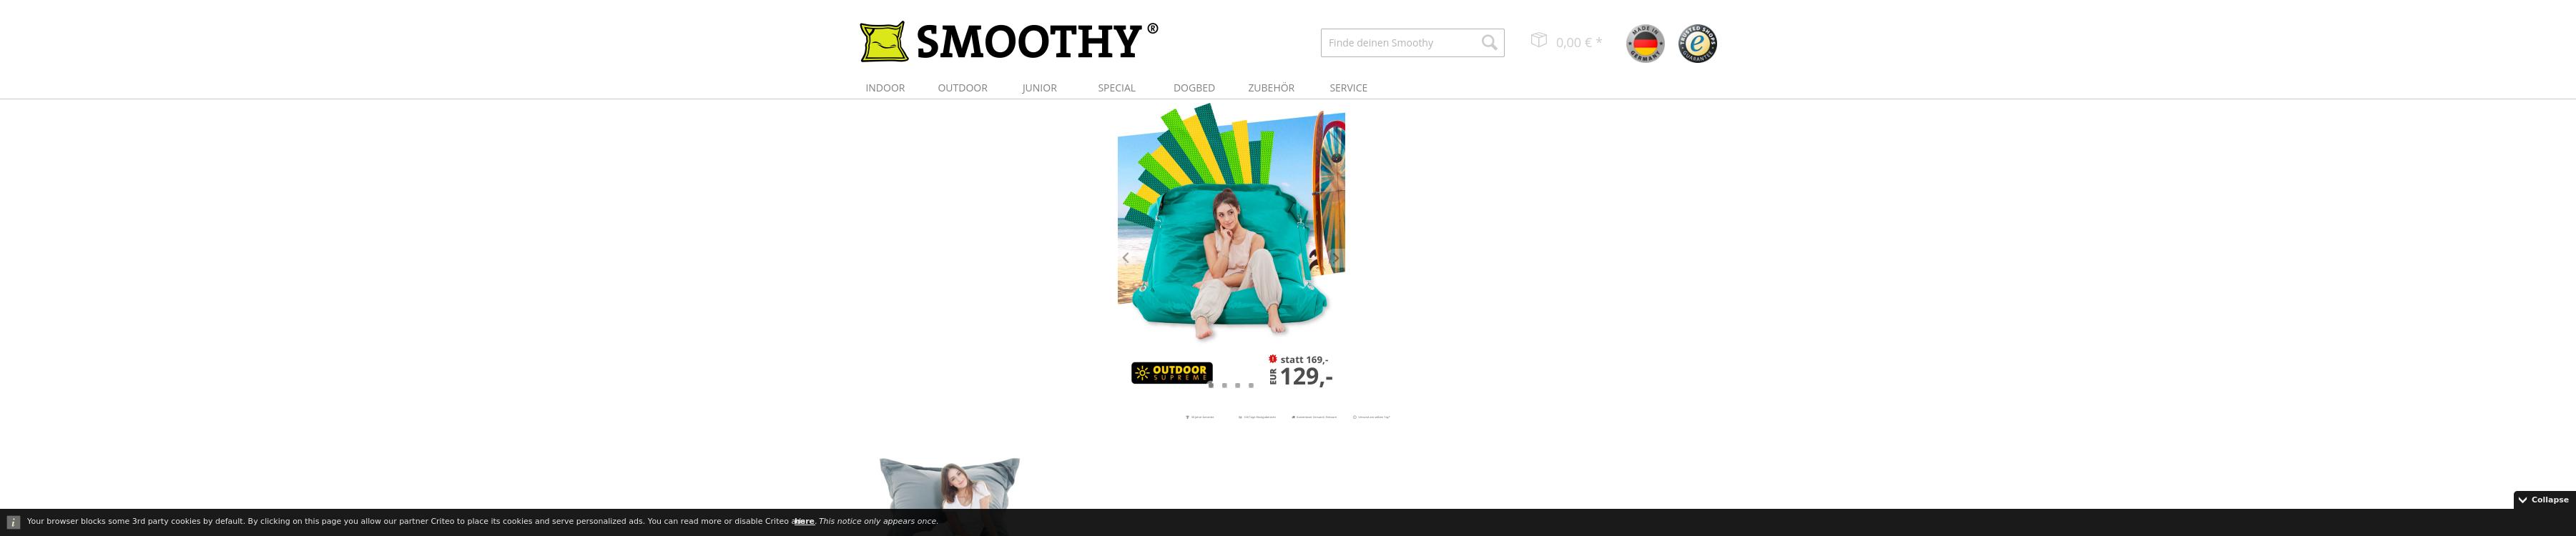 smoothy.de - Sitzsäcke und Sitzkissen